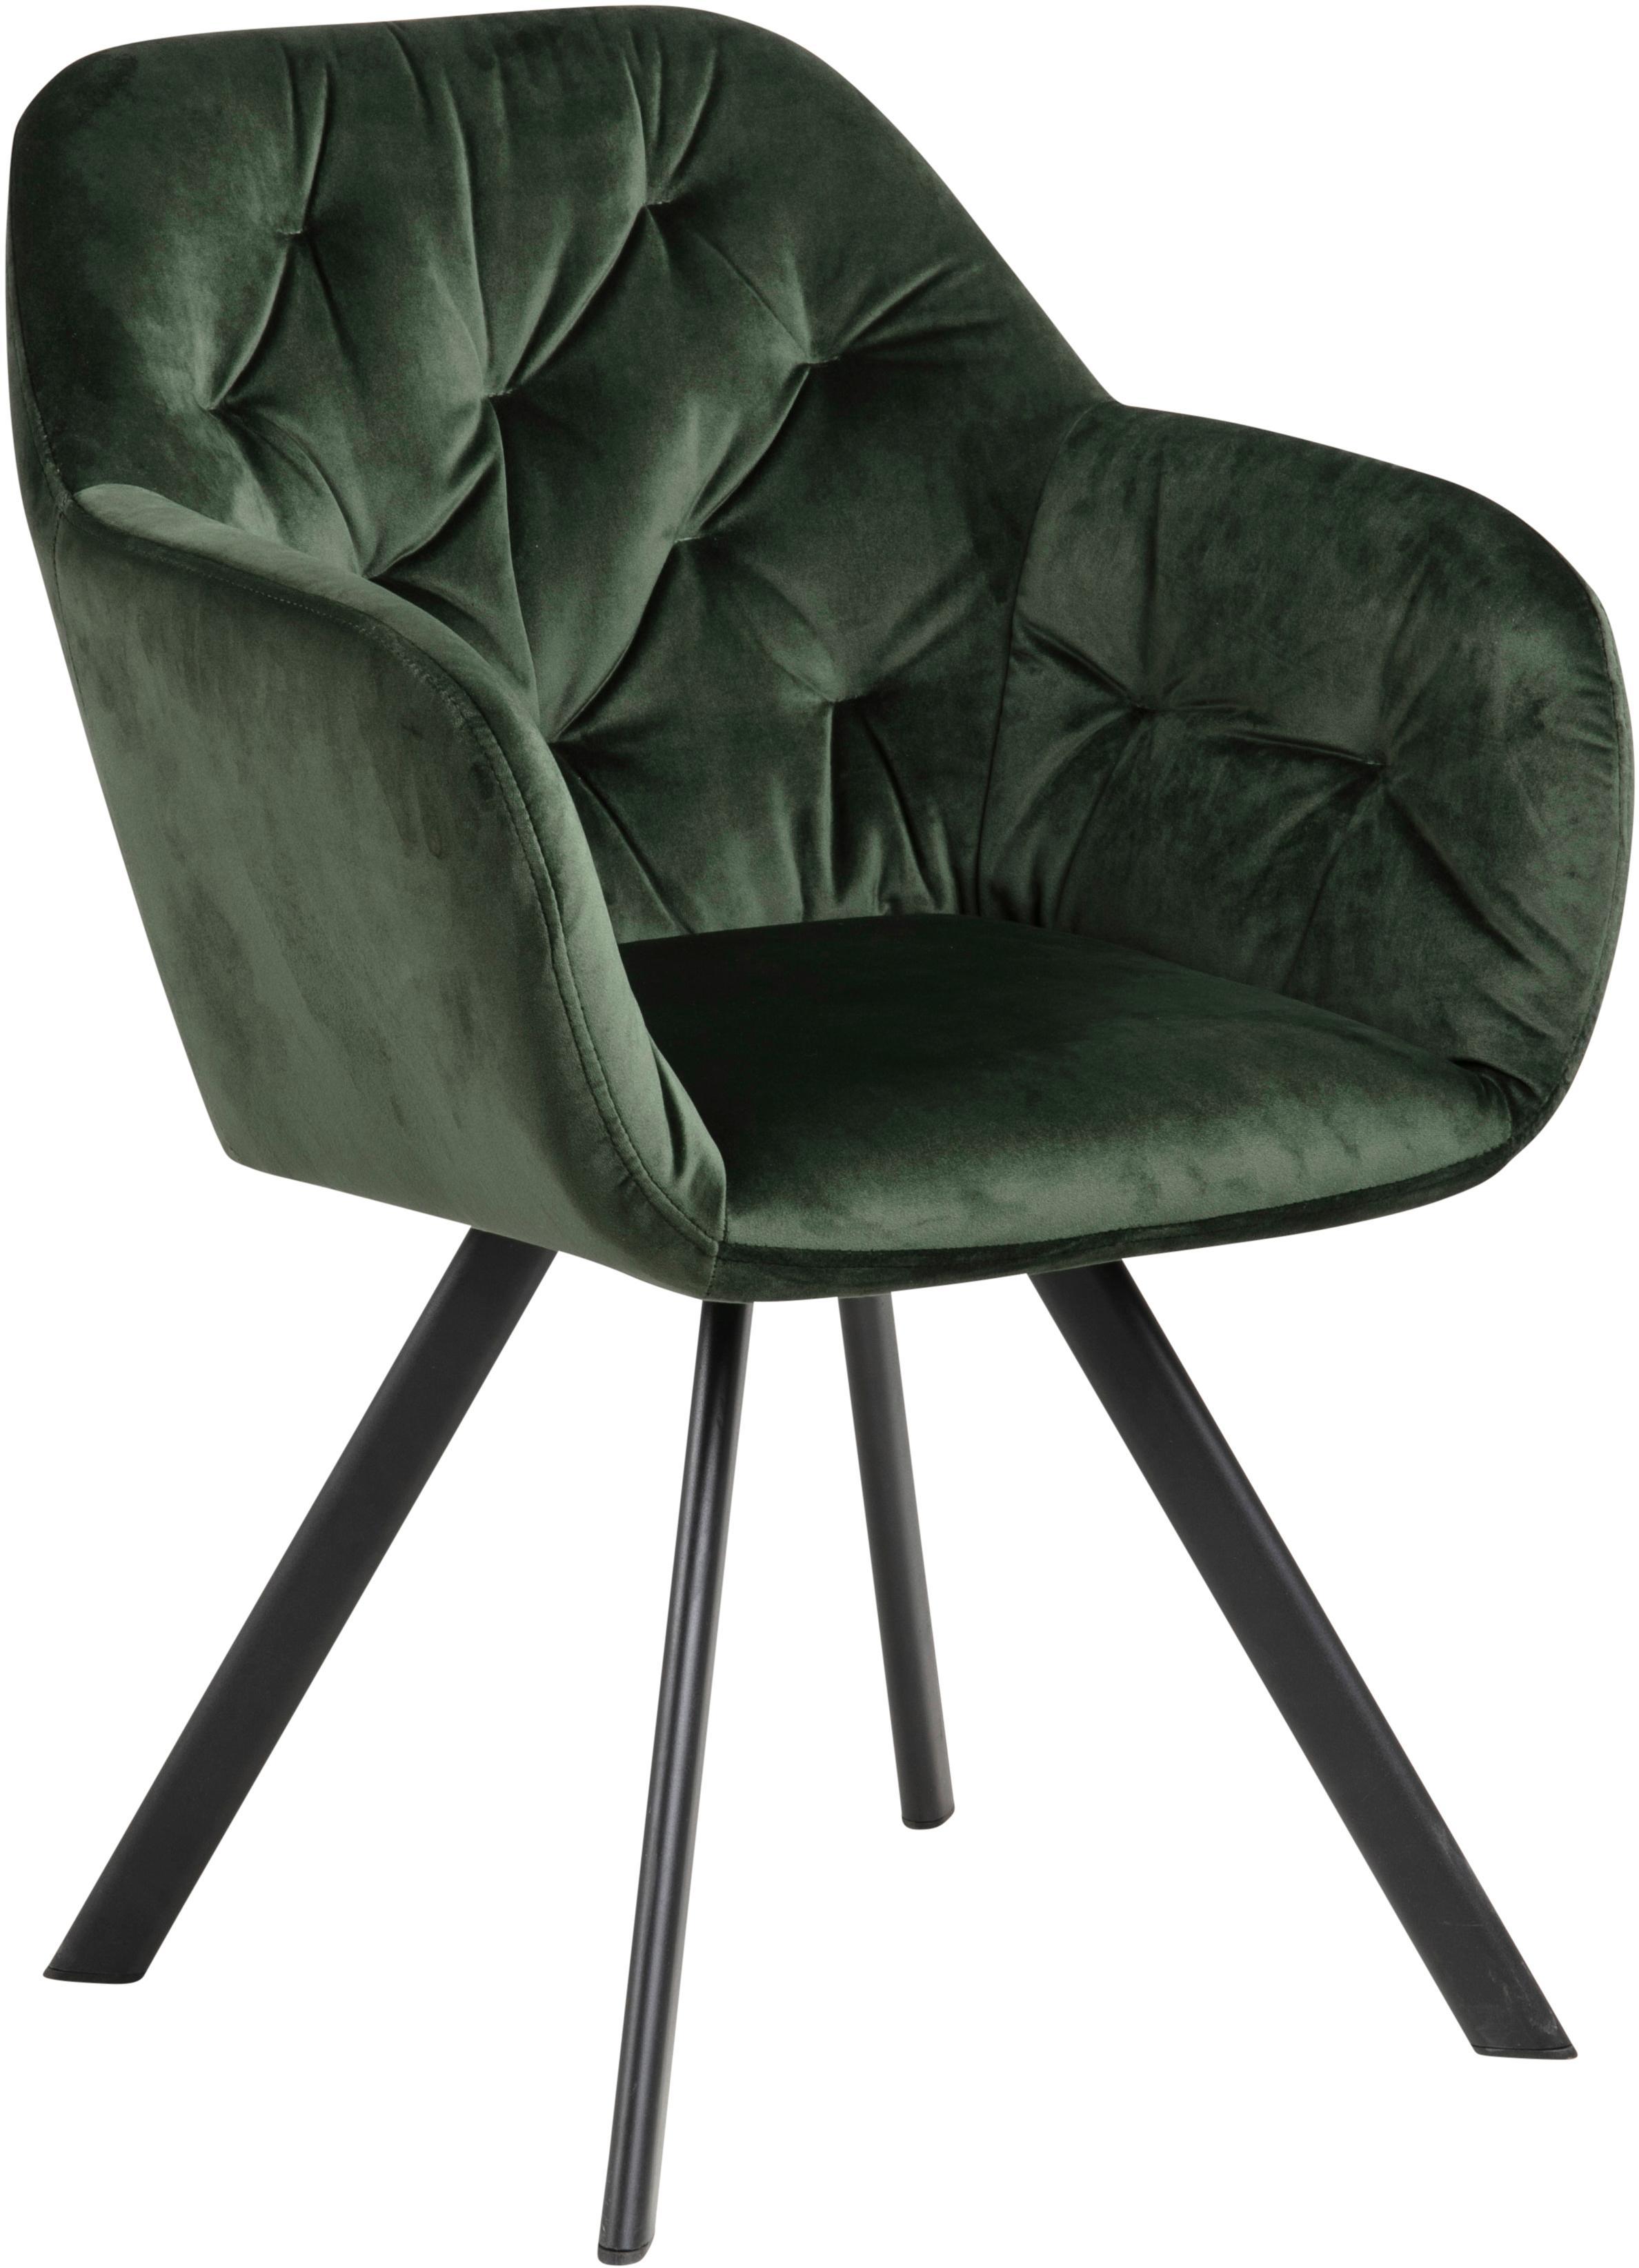 Poltrona in velluto Lola, Velluto di poliestere, metallo, Verde bosco, nero, Larg. 58 x Prof. 62 cm